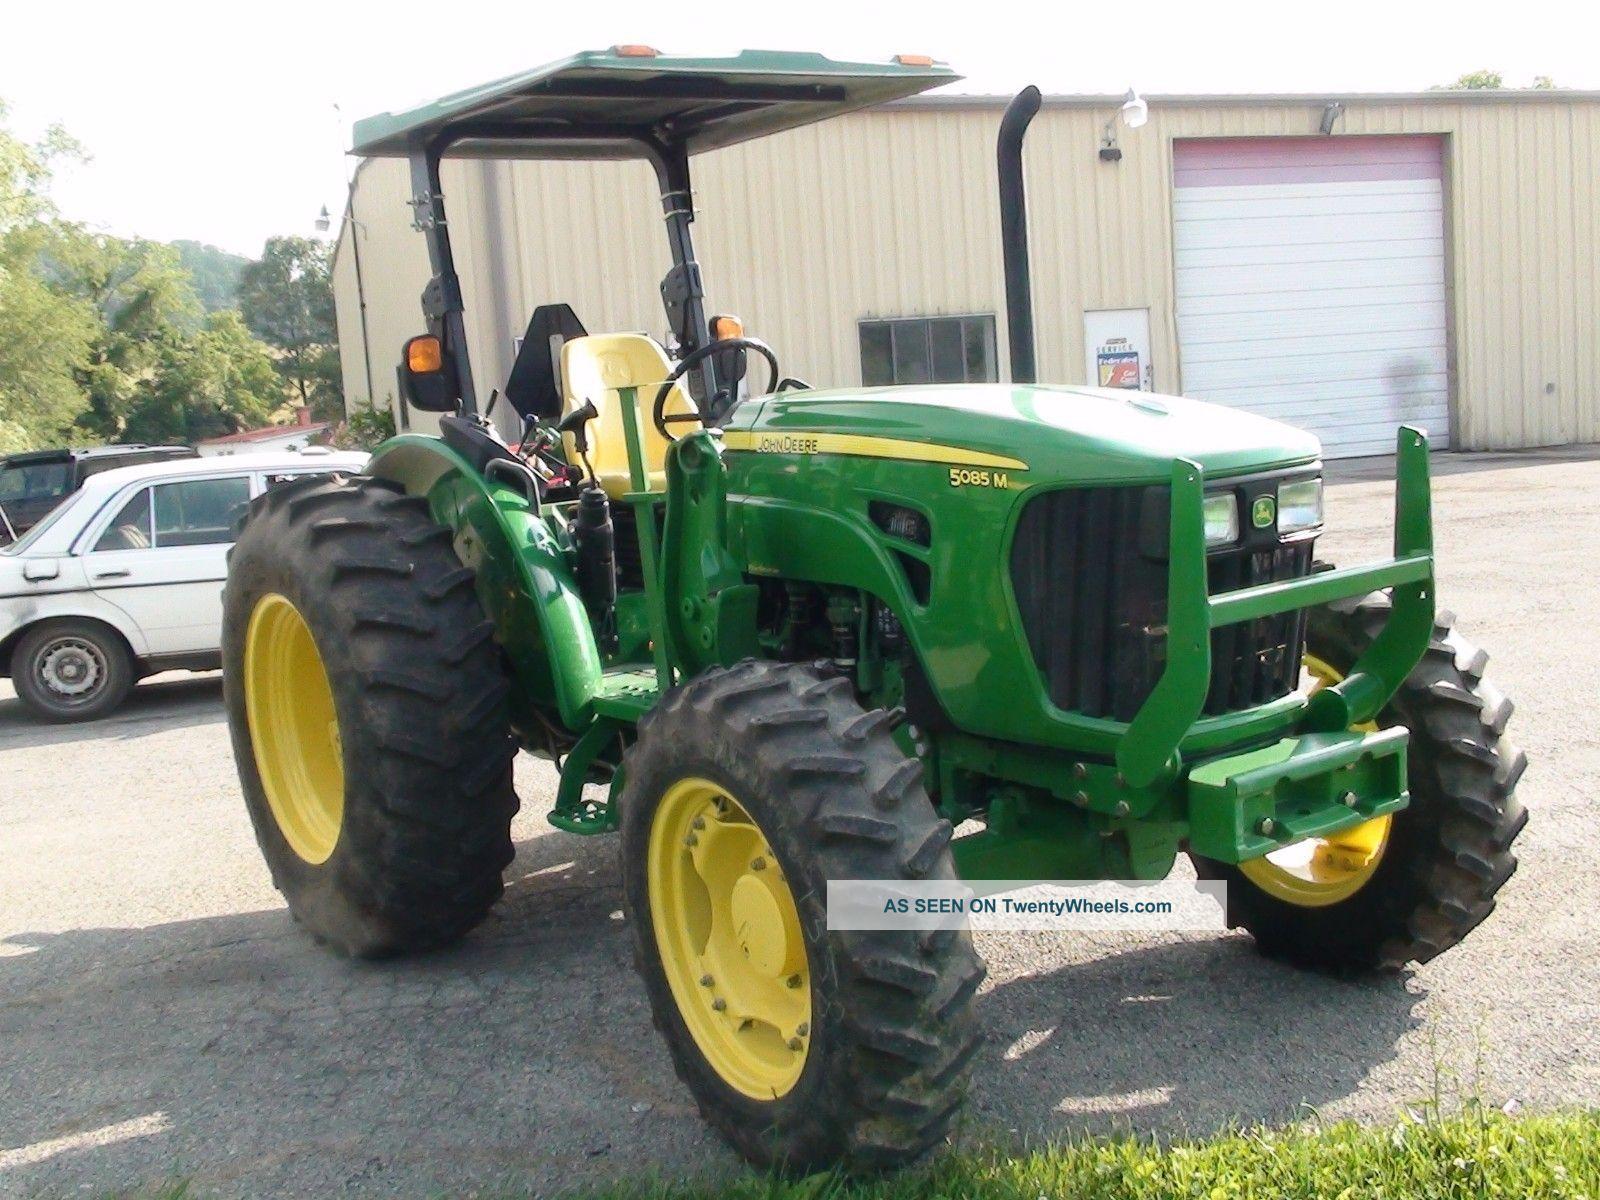 2010 John Deere Tractor 5085m